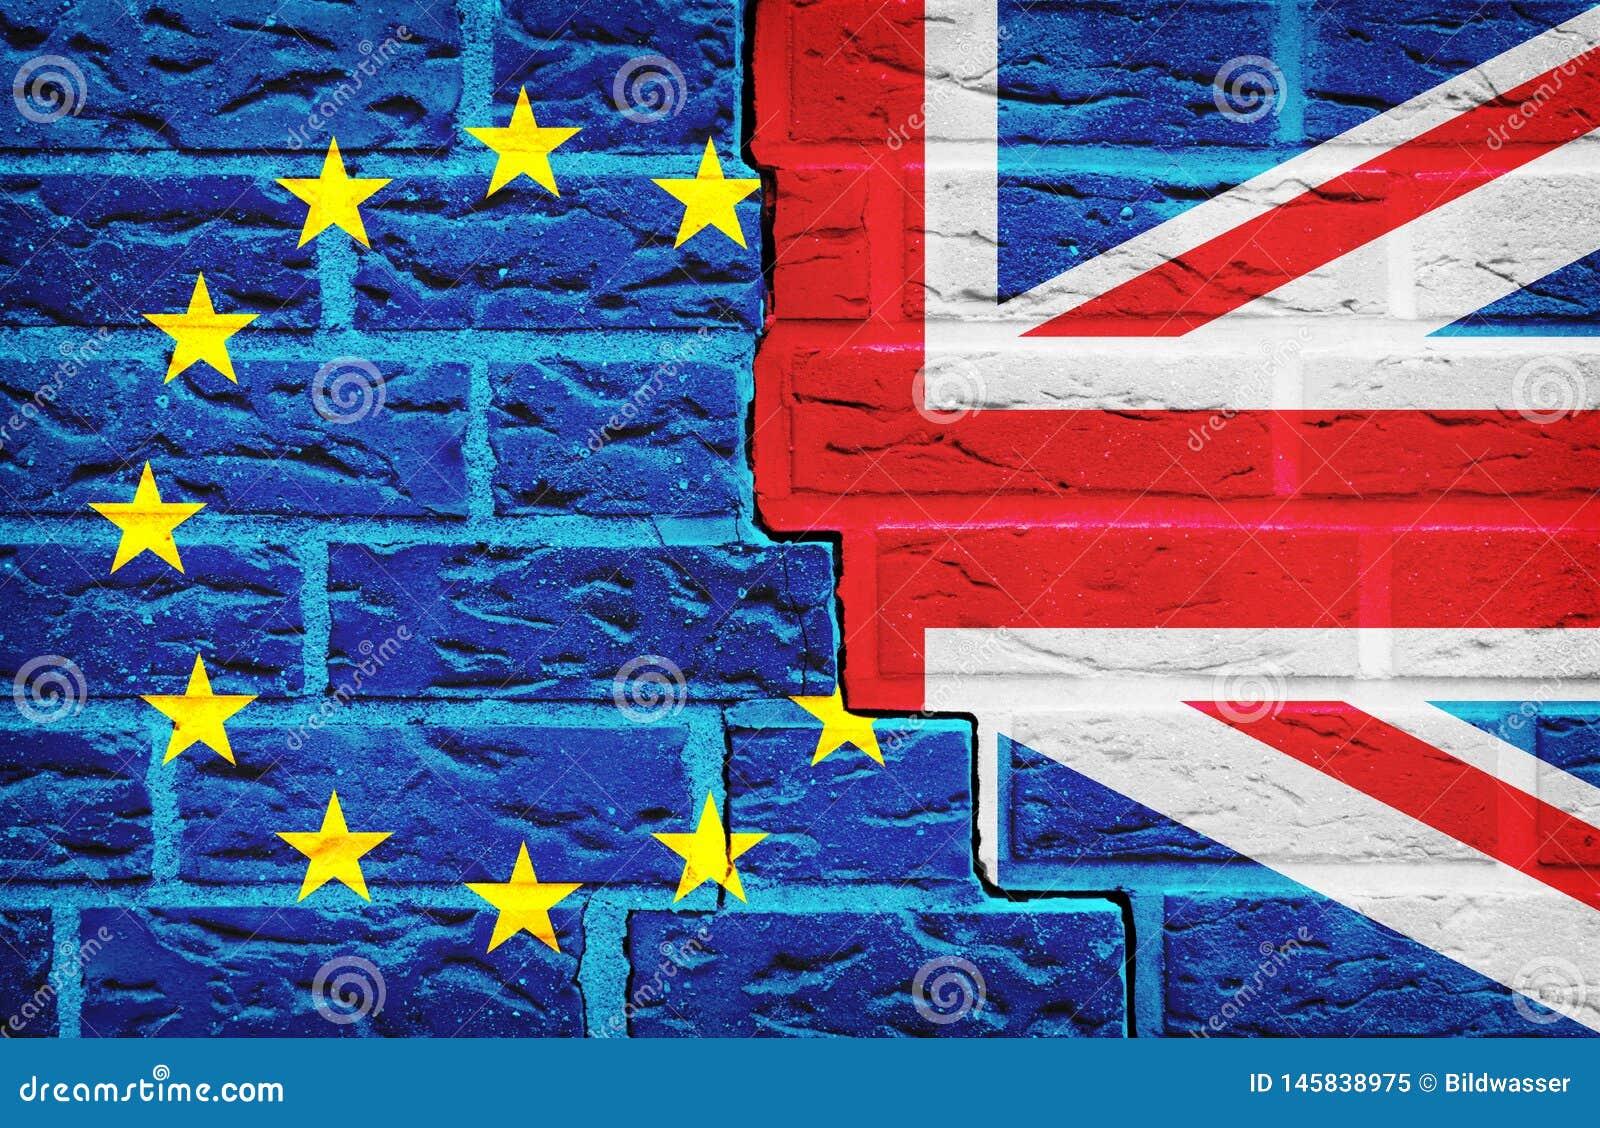 Σημαία της Ευρωπαϊκής Ένωσης και της Μεγάλης Βρετανίας Brexit στο σπασμένο τοίχο Ψηφοφορία για την έννοια εξόδων